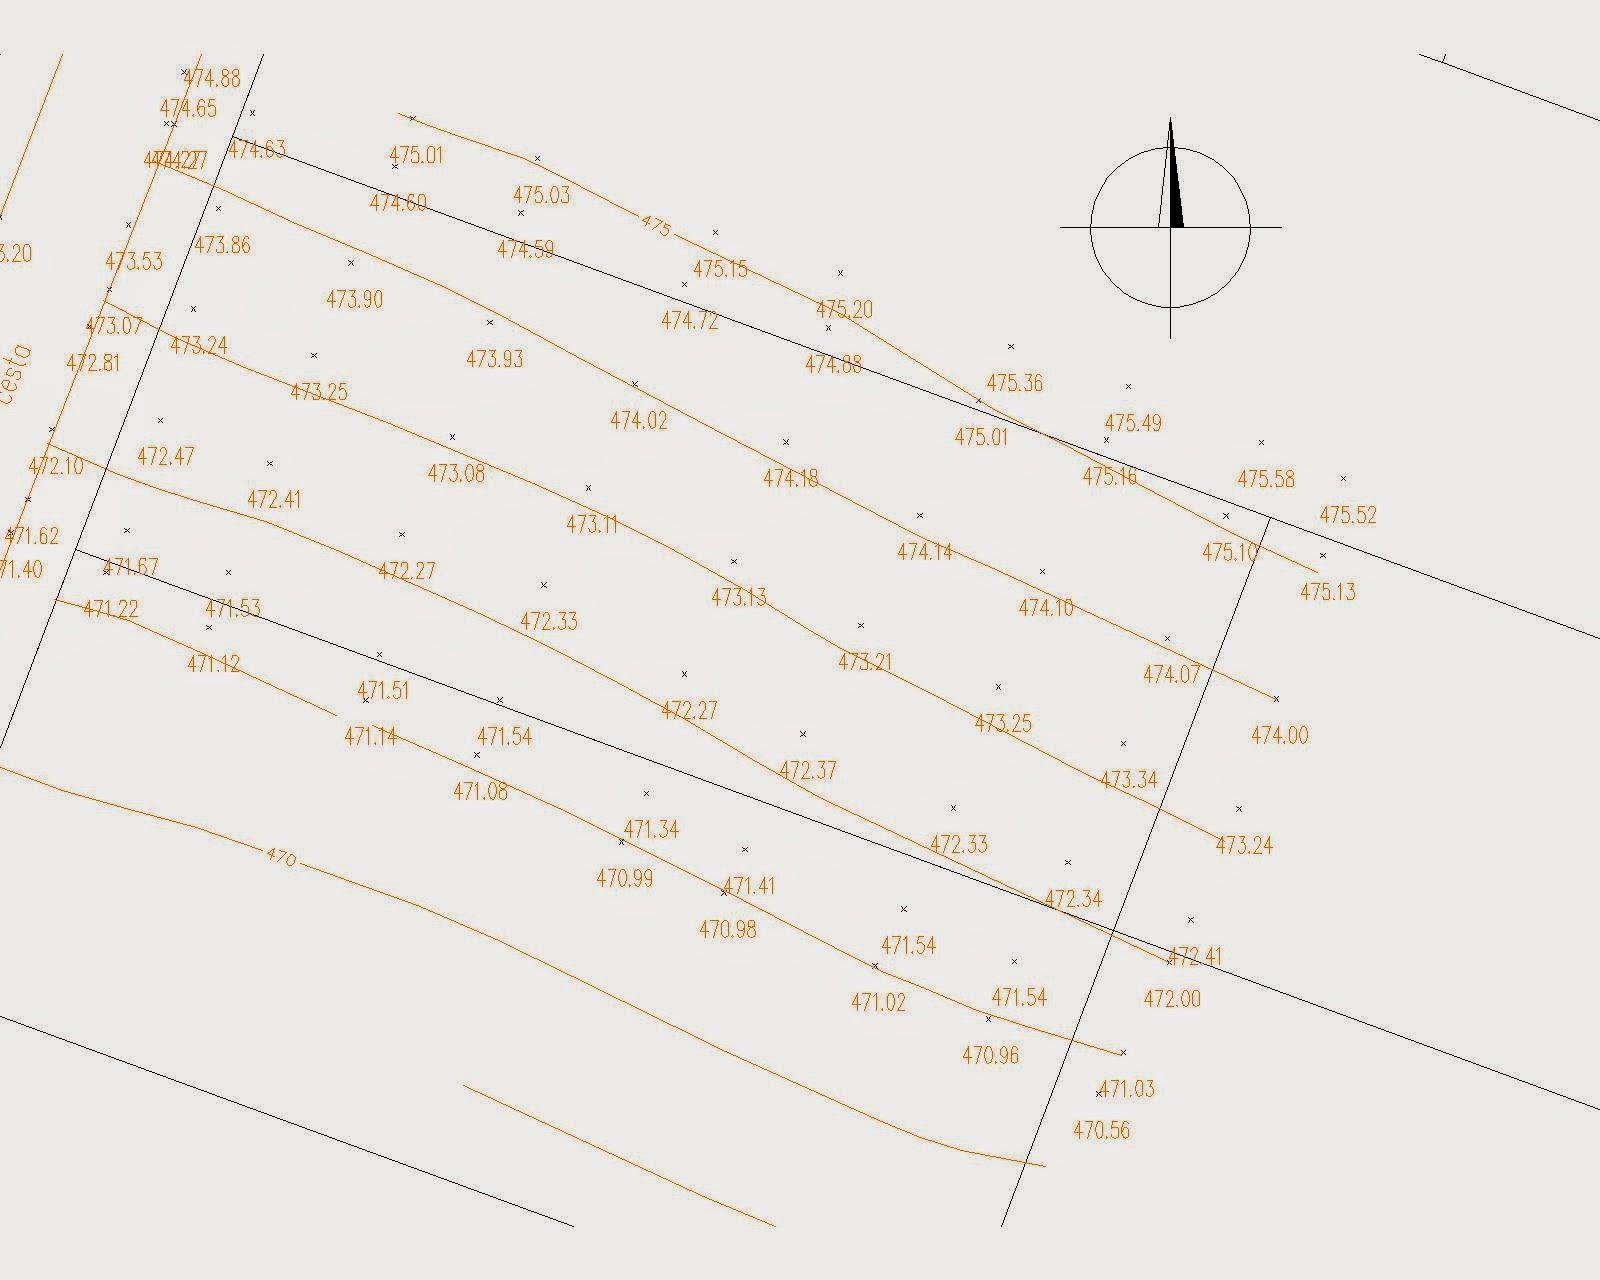 Raciodom - Pred projektovou prípravou sme nechali vypracovať výškopisné zameranie pozemku ako podklad pre projektanta kvôli osadeniu domu.